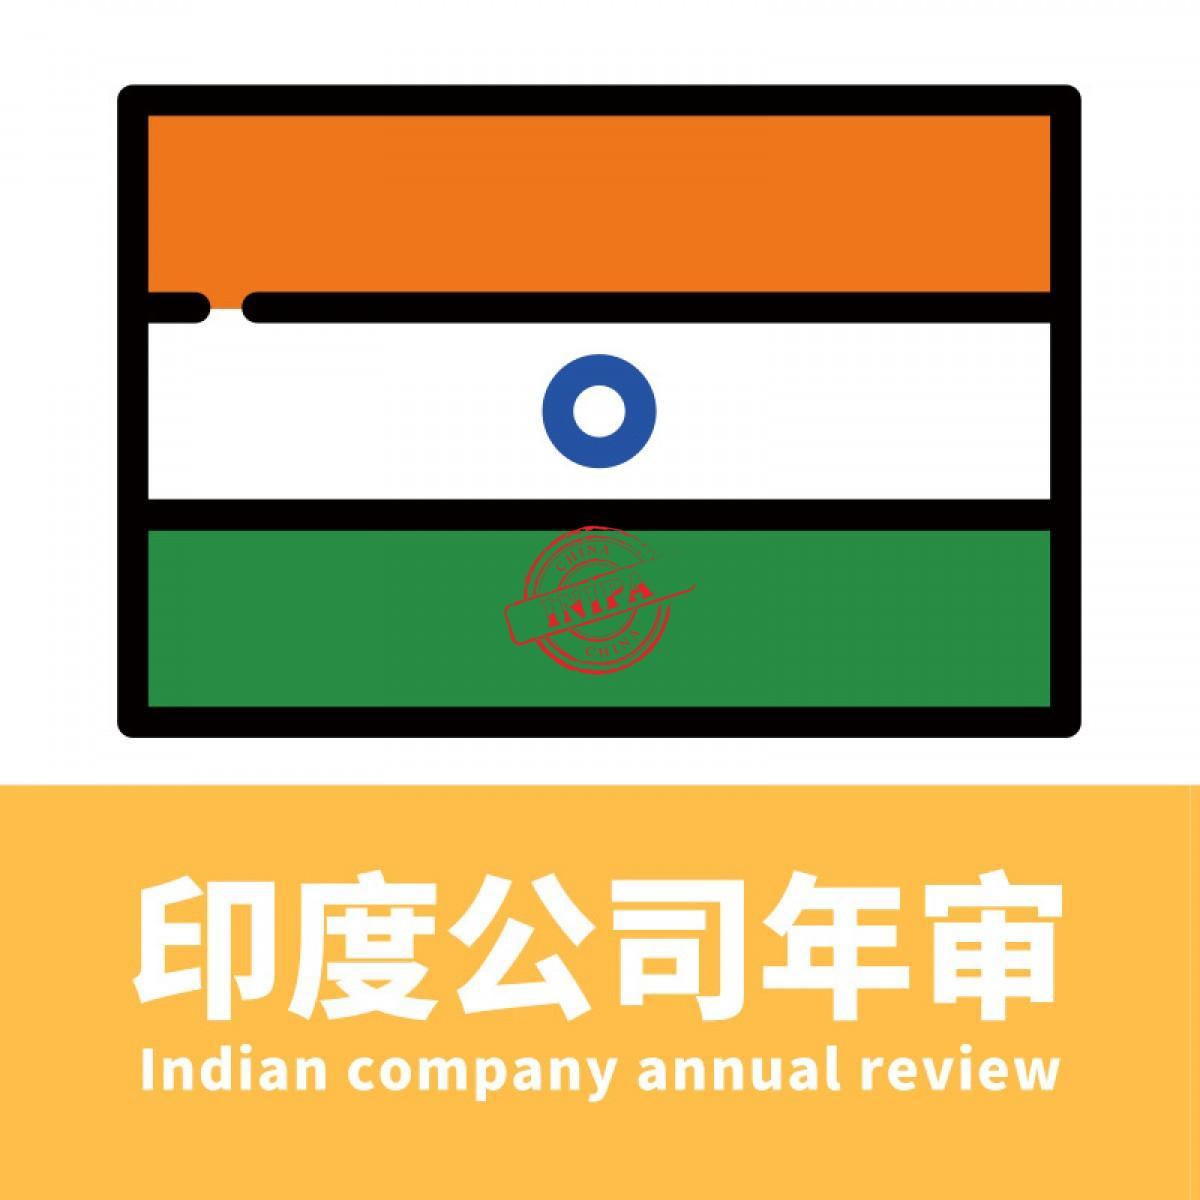 印度公司年审/Indian company annual review